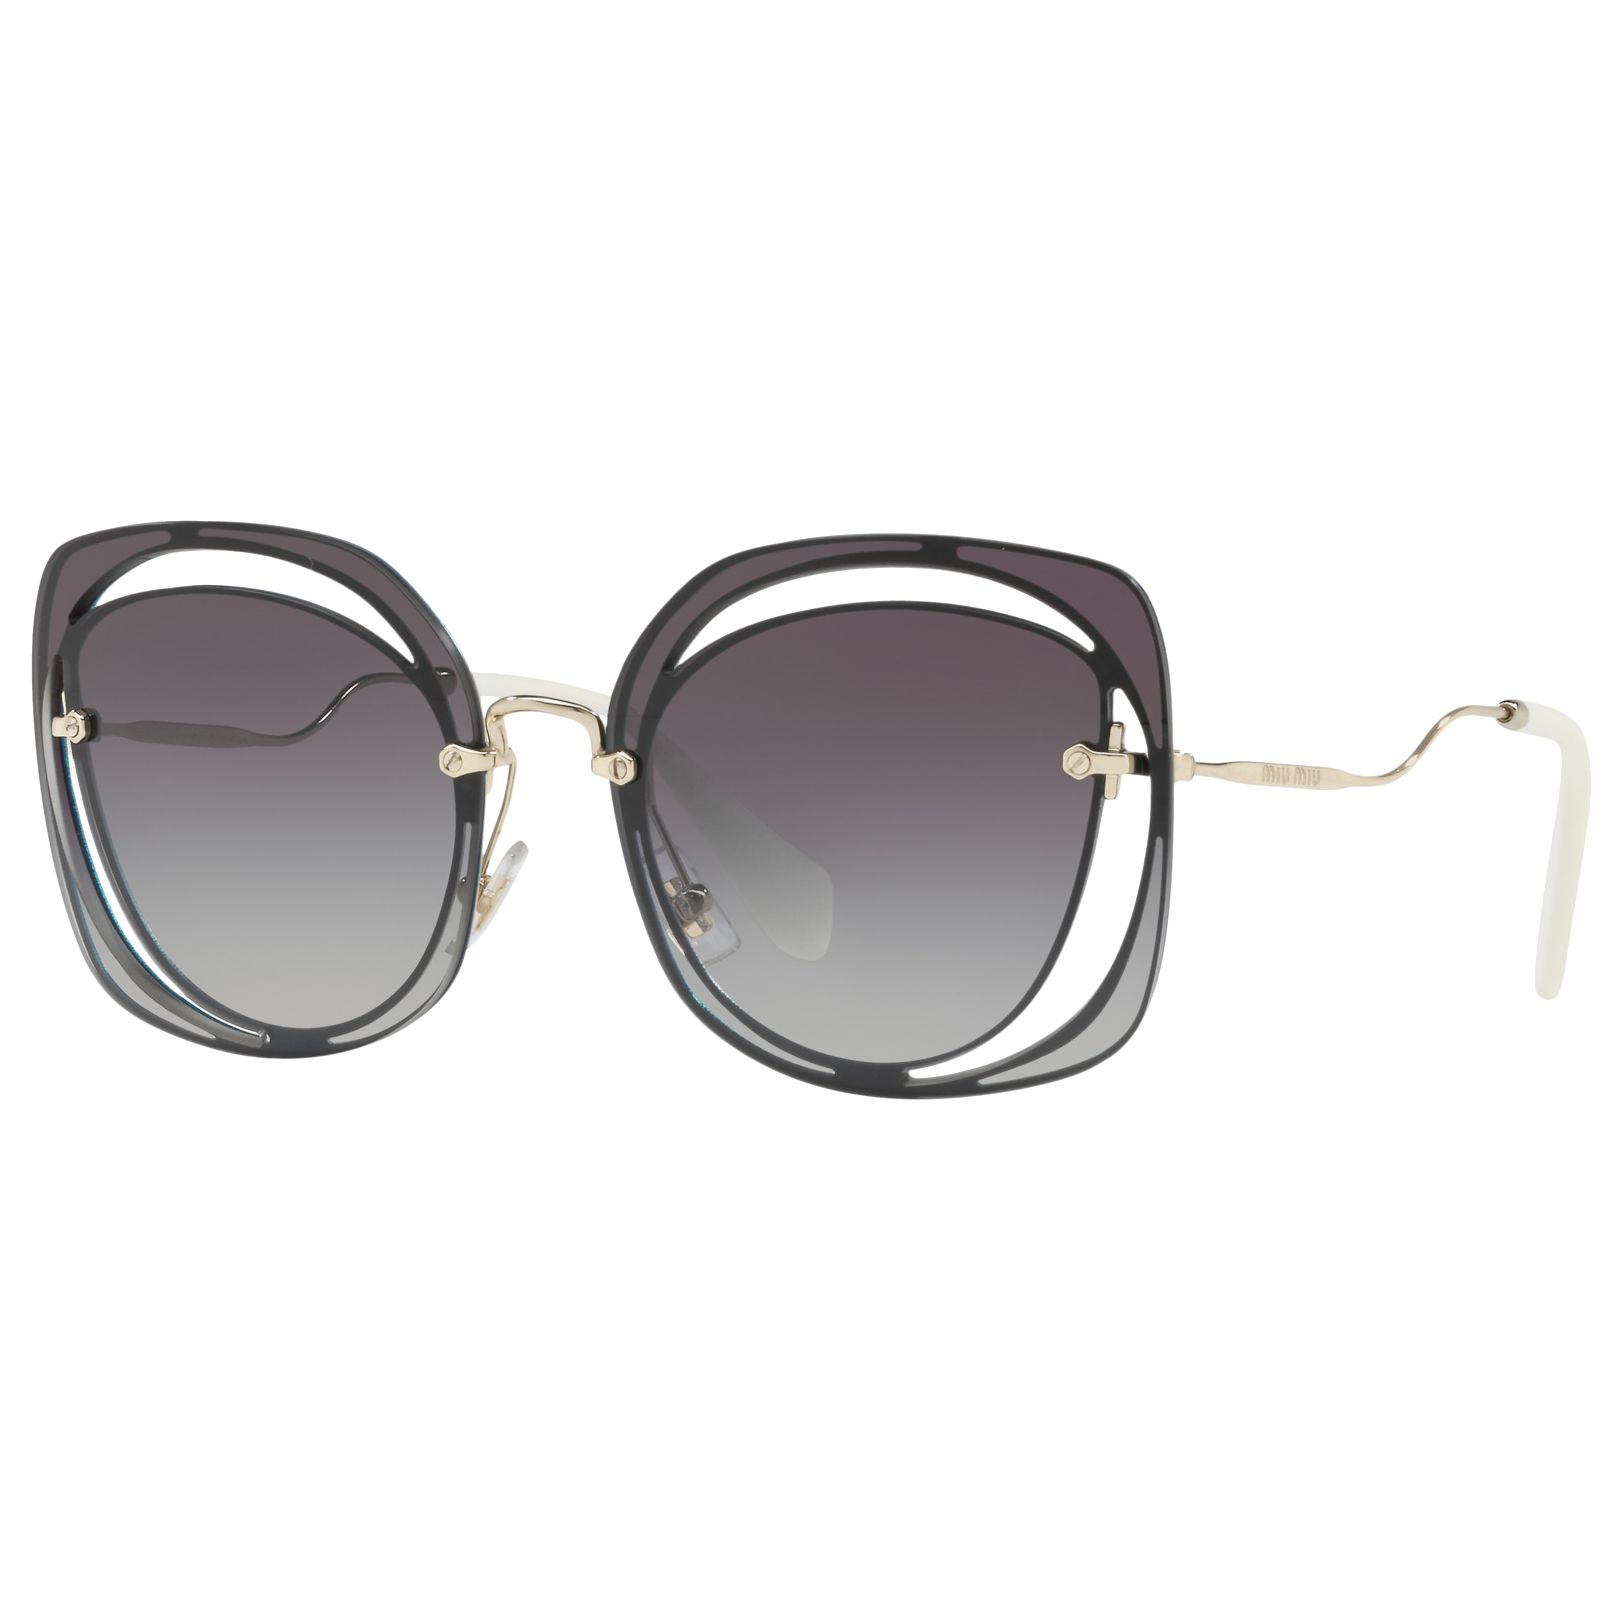 Miu Miu Miu Miu MU 54SS Square Sunglasses, Grey